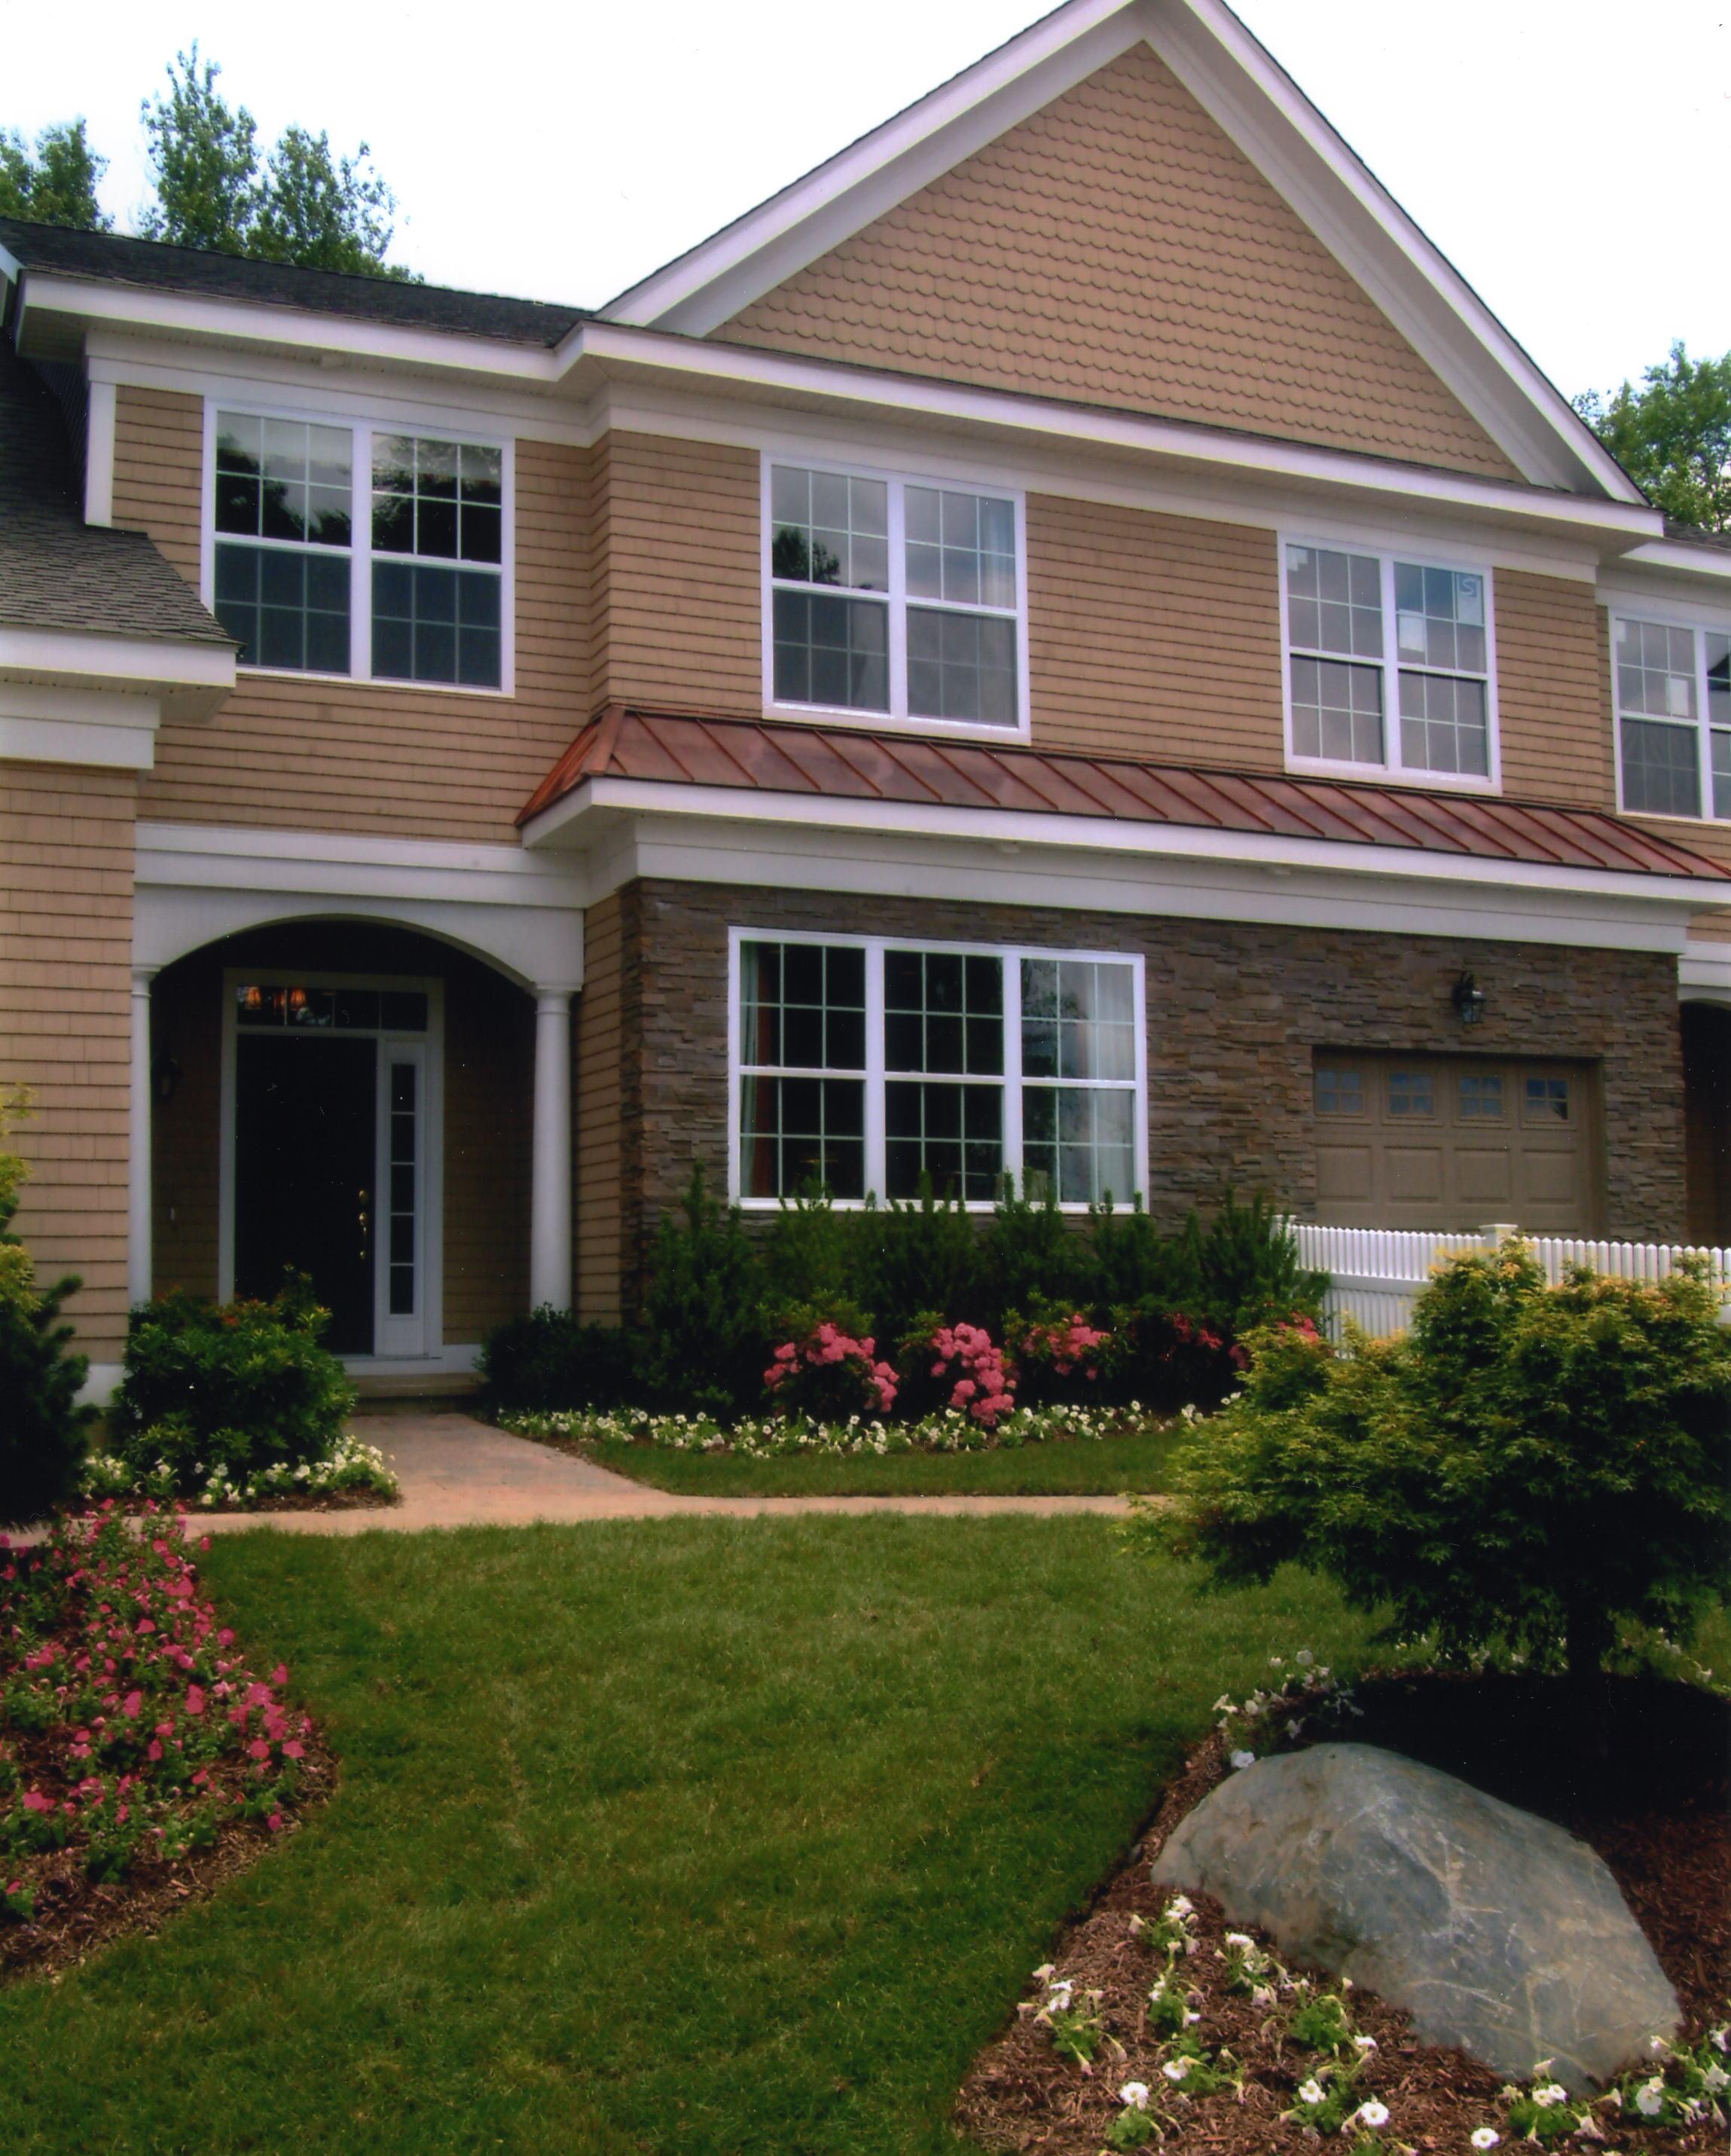 Casa Unifamiliar por un Venta en Luxury 4BR Townhouse 8 Haley Ln 102 Litchfield, Connecticut, 06759 Estados Unidos